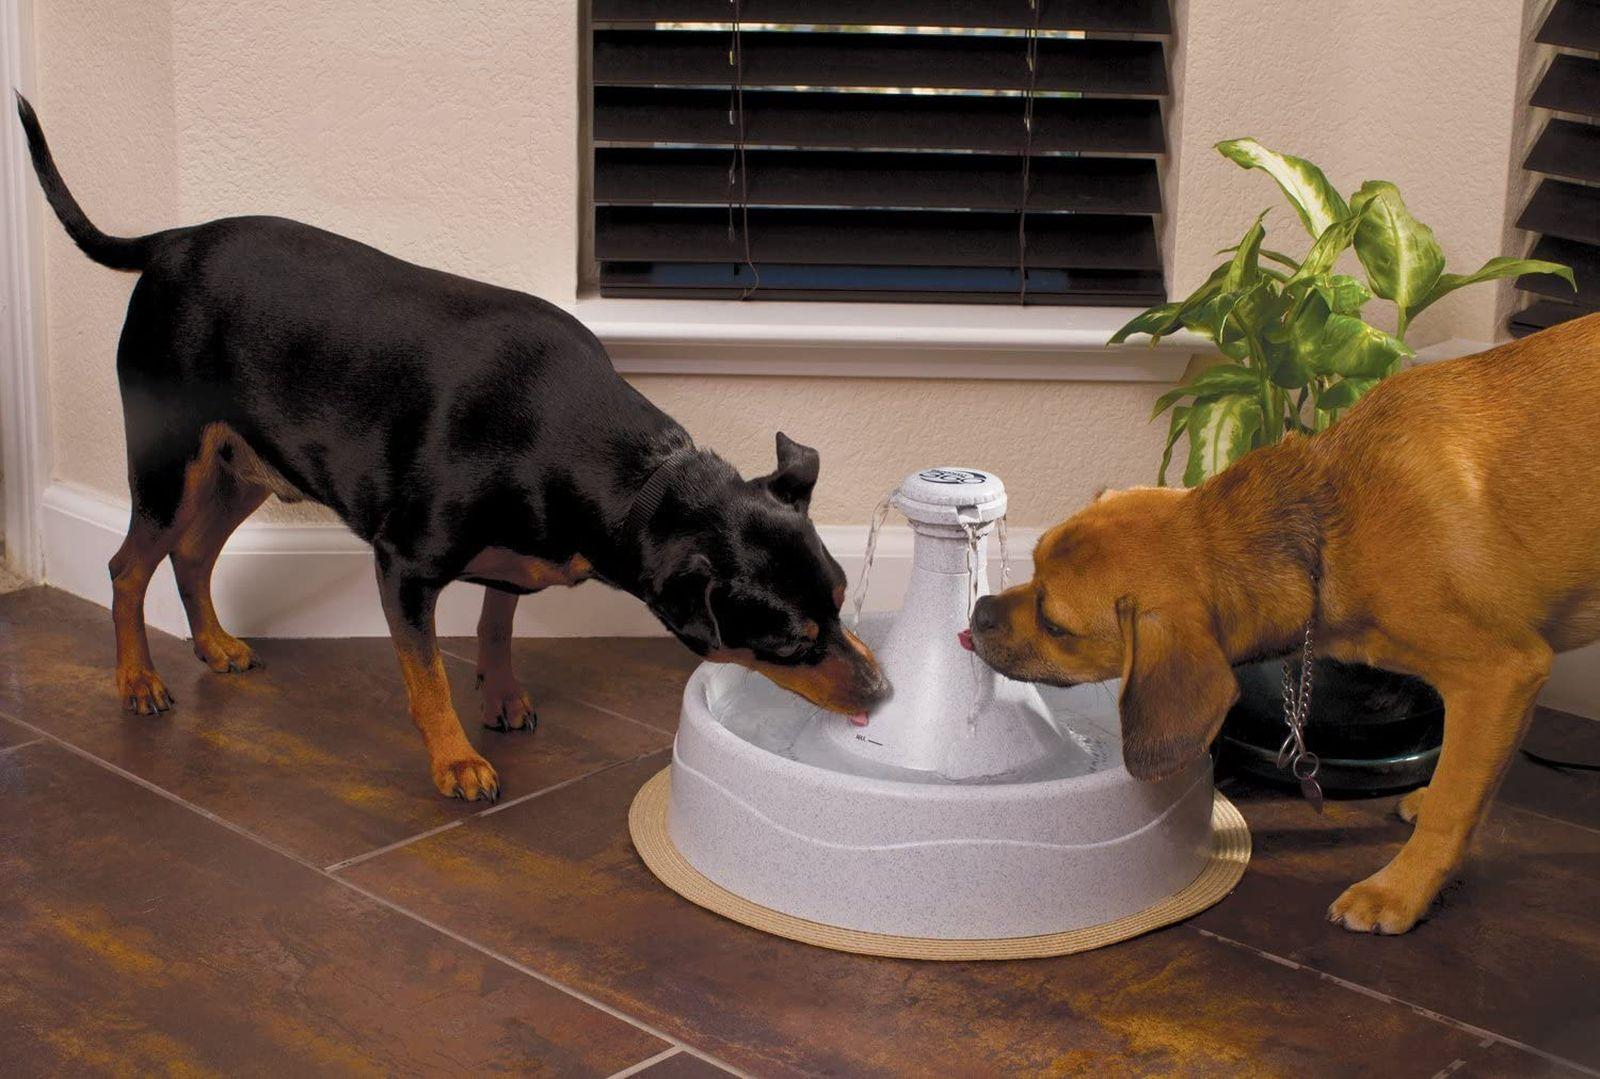 Las mejores fuentes de agua para perros [year] para mantenerlo hidratado 1